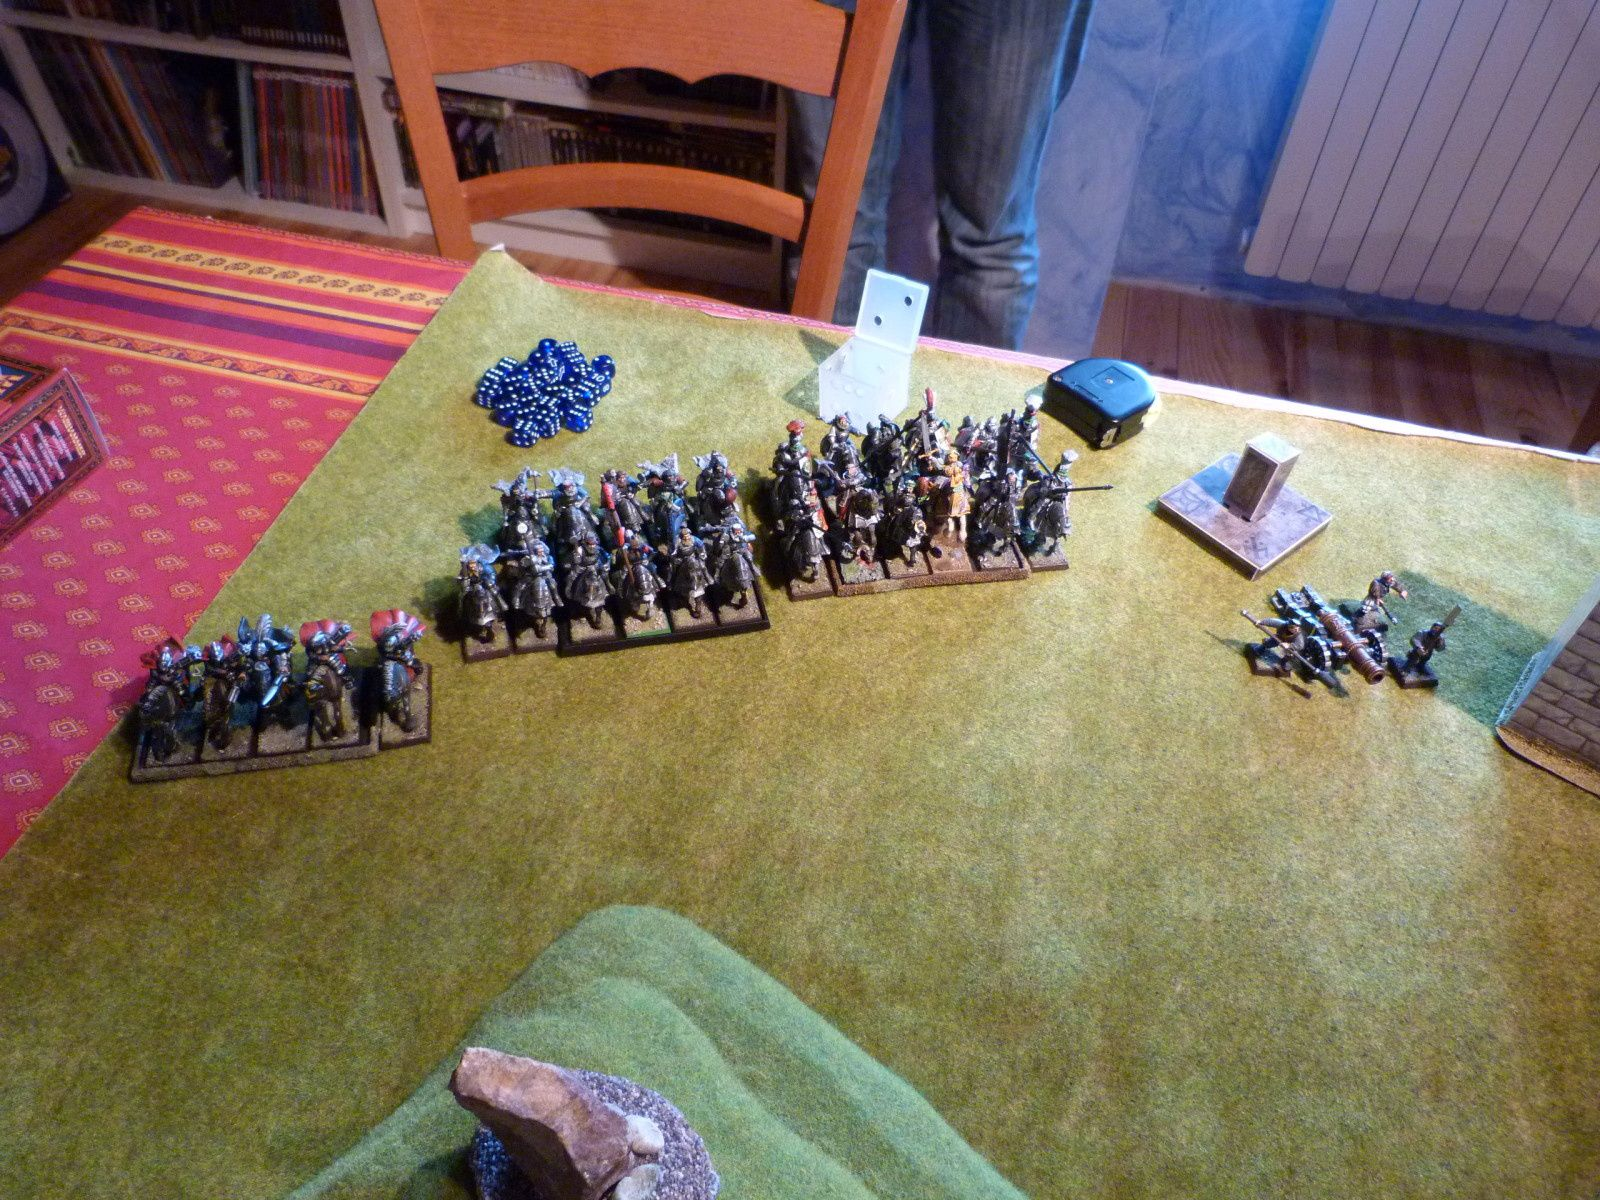 5 escorteurs, 10 chevaliers du loup blanc (cercle intérieur + arme lourde) et une grande bannière, 10 chevaliers de la Reiksguard + grand maître et prêtre guerrier, un grand canon...